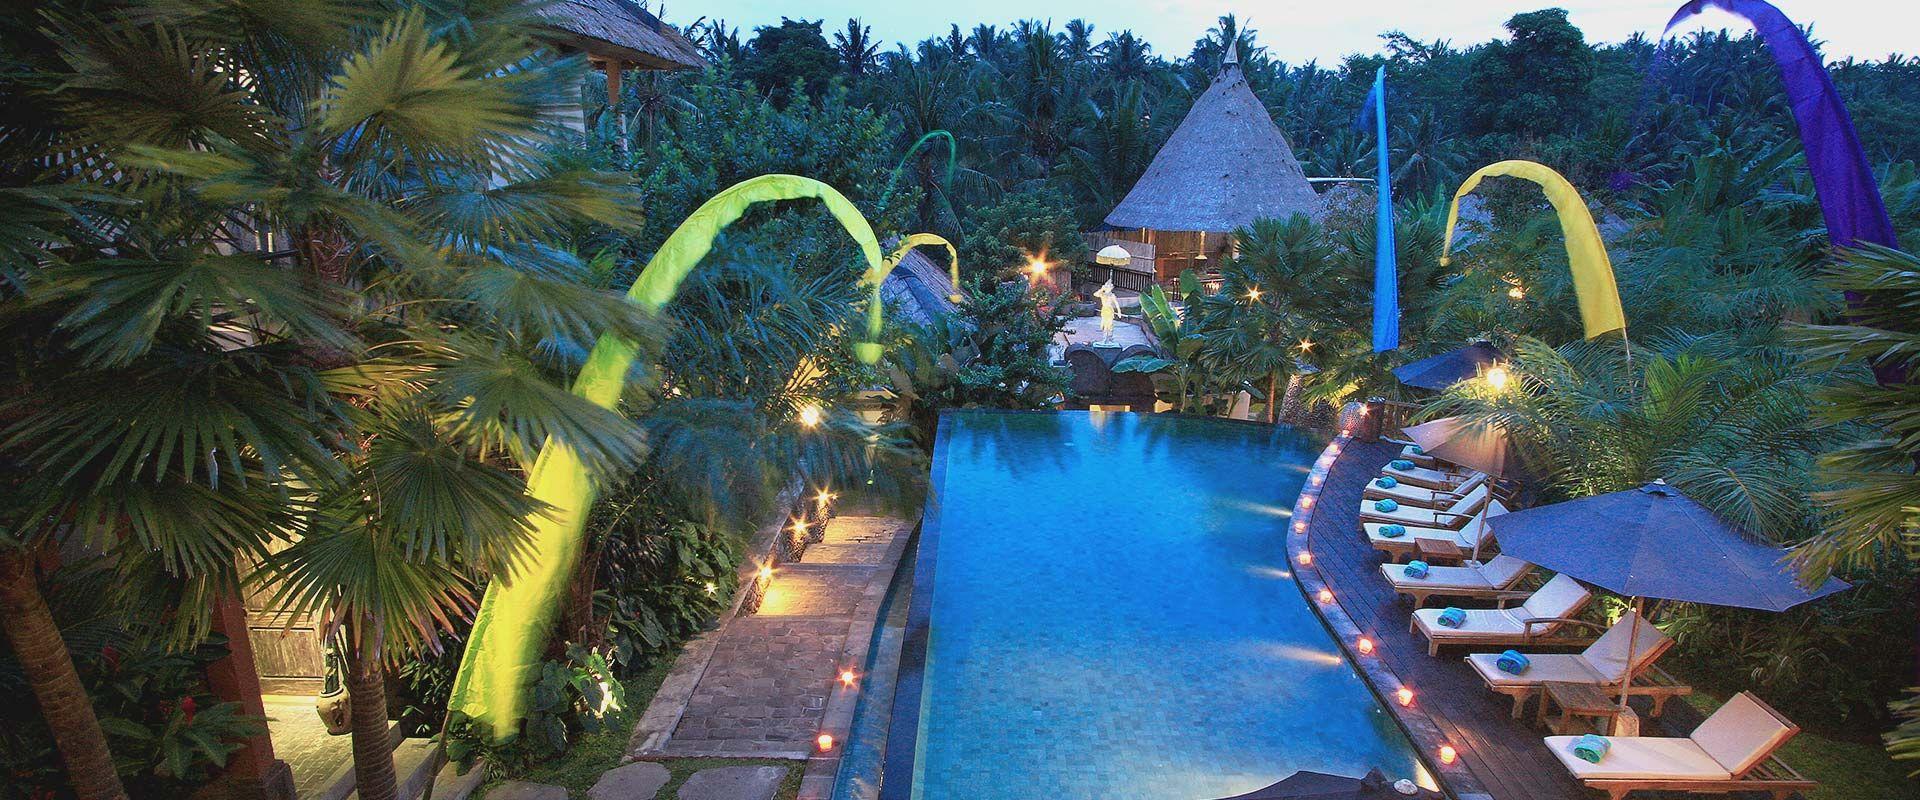 Sankara Ubud Resort, Gianyar